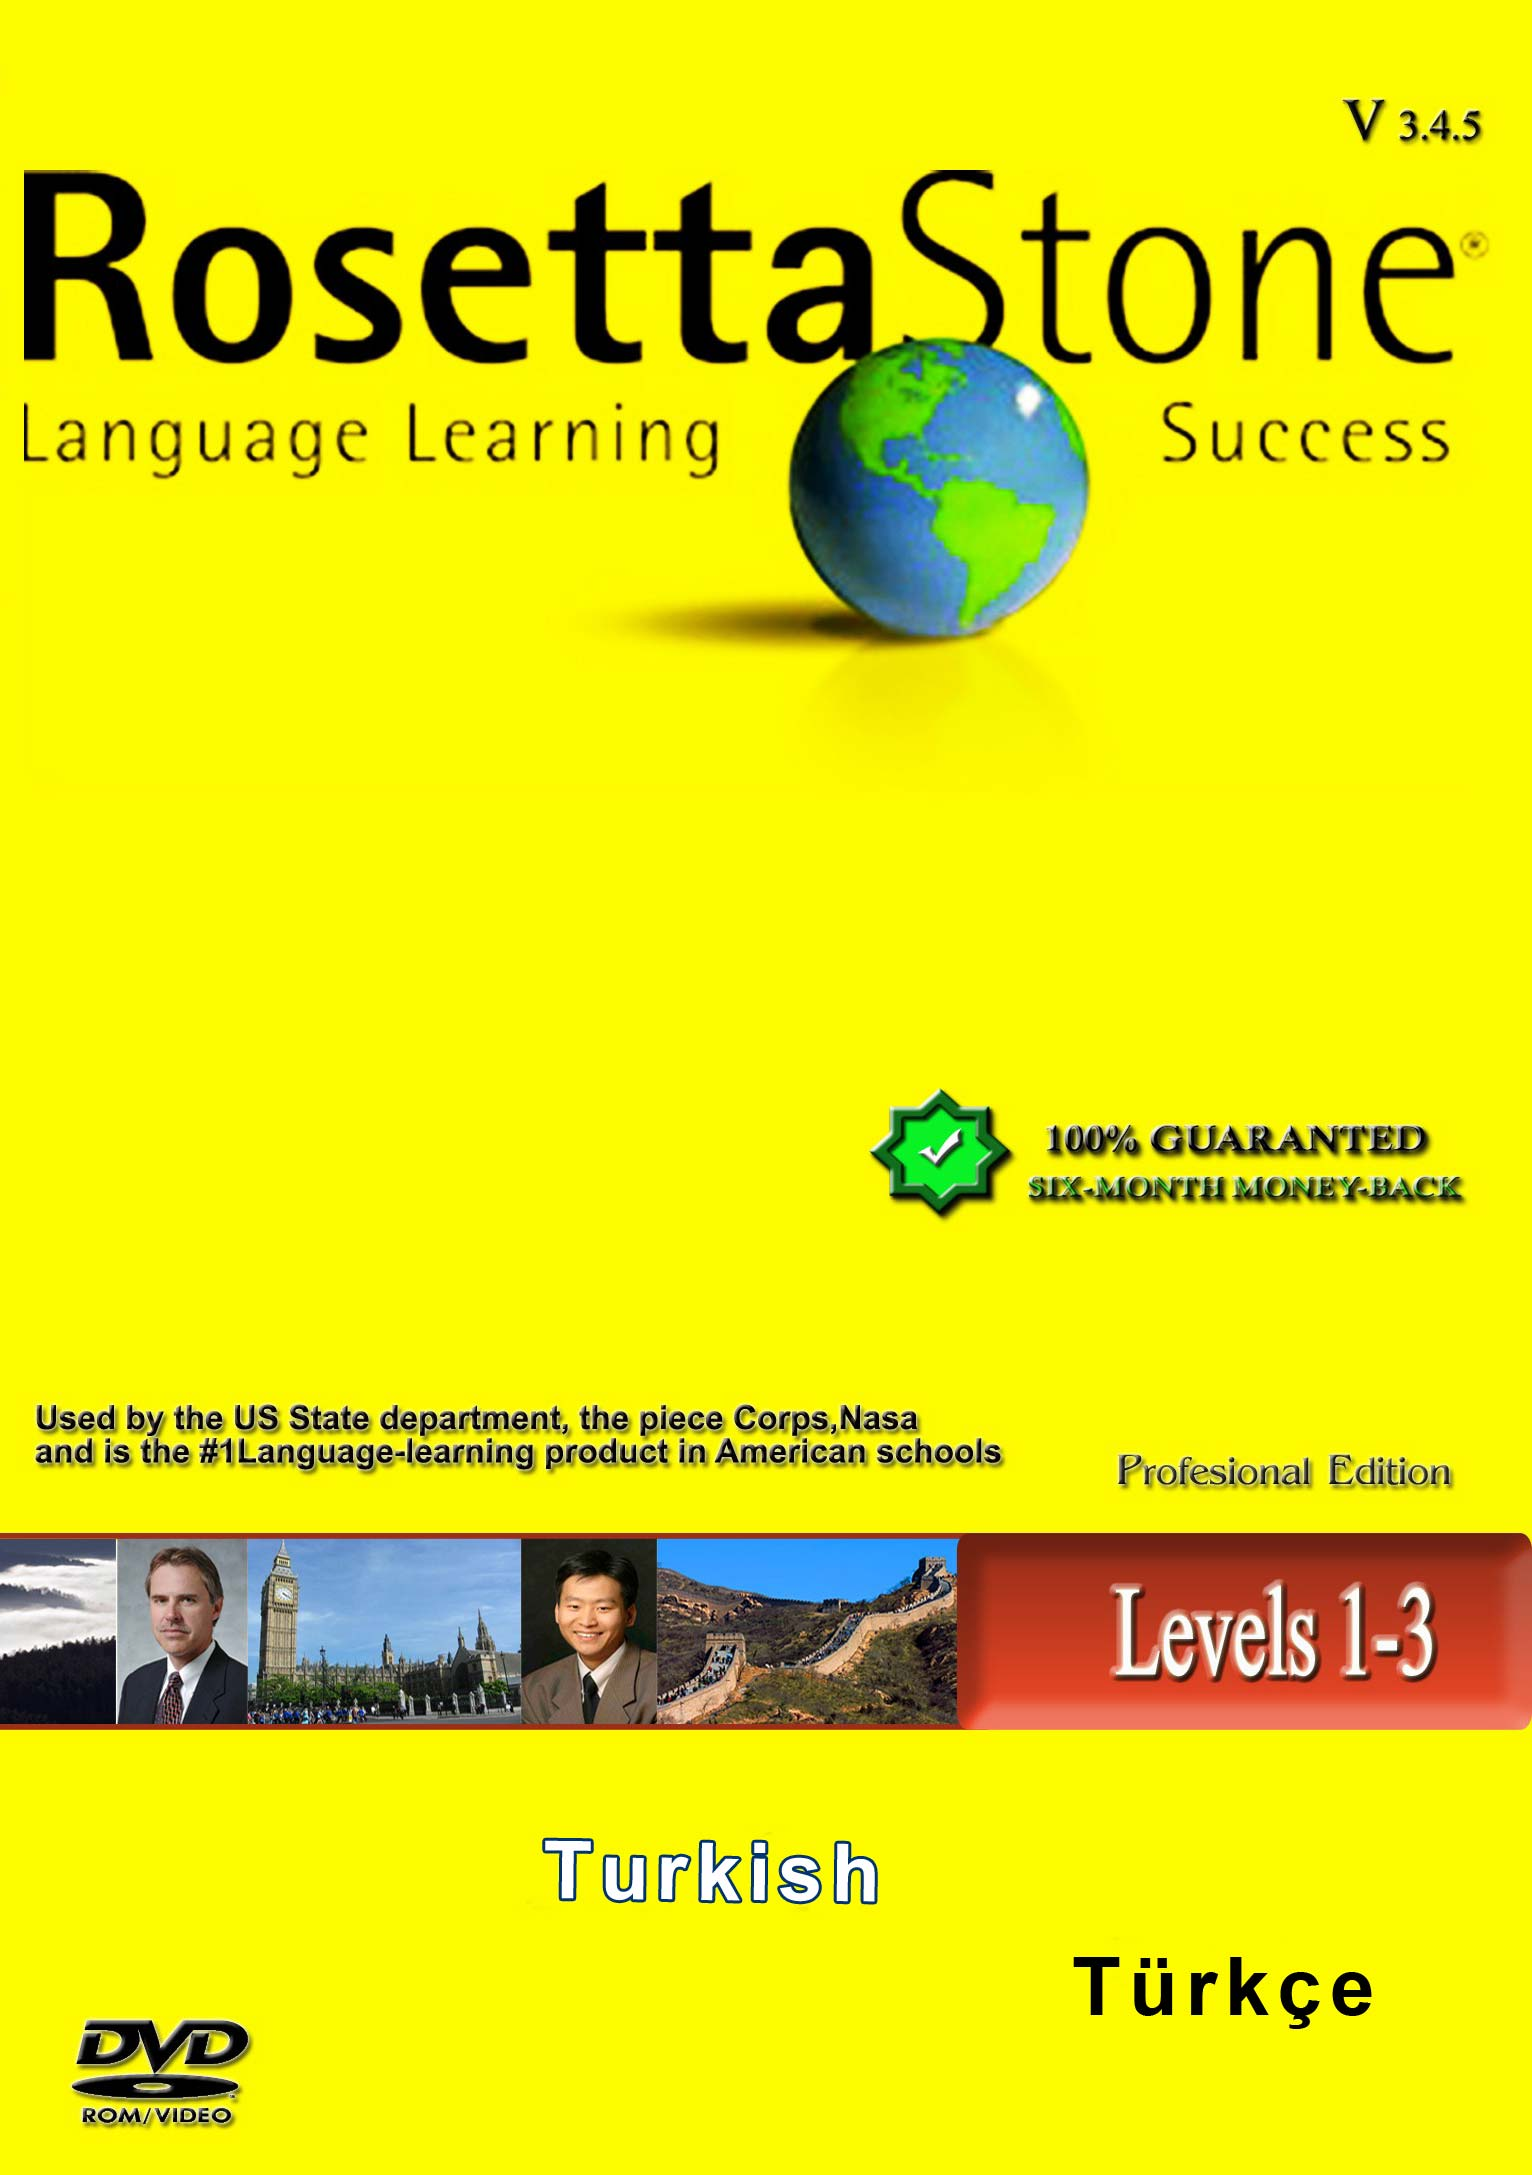 Rosetta Stone Turkish Version 3 - آموزش زبان ترکی رزتا استون ورژن 3